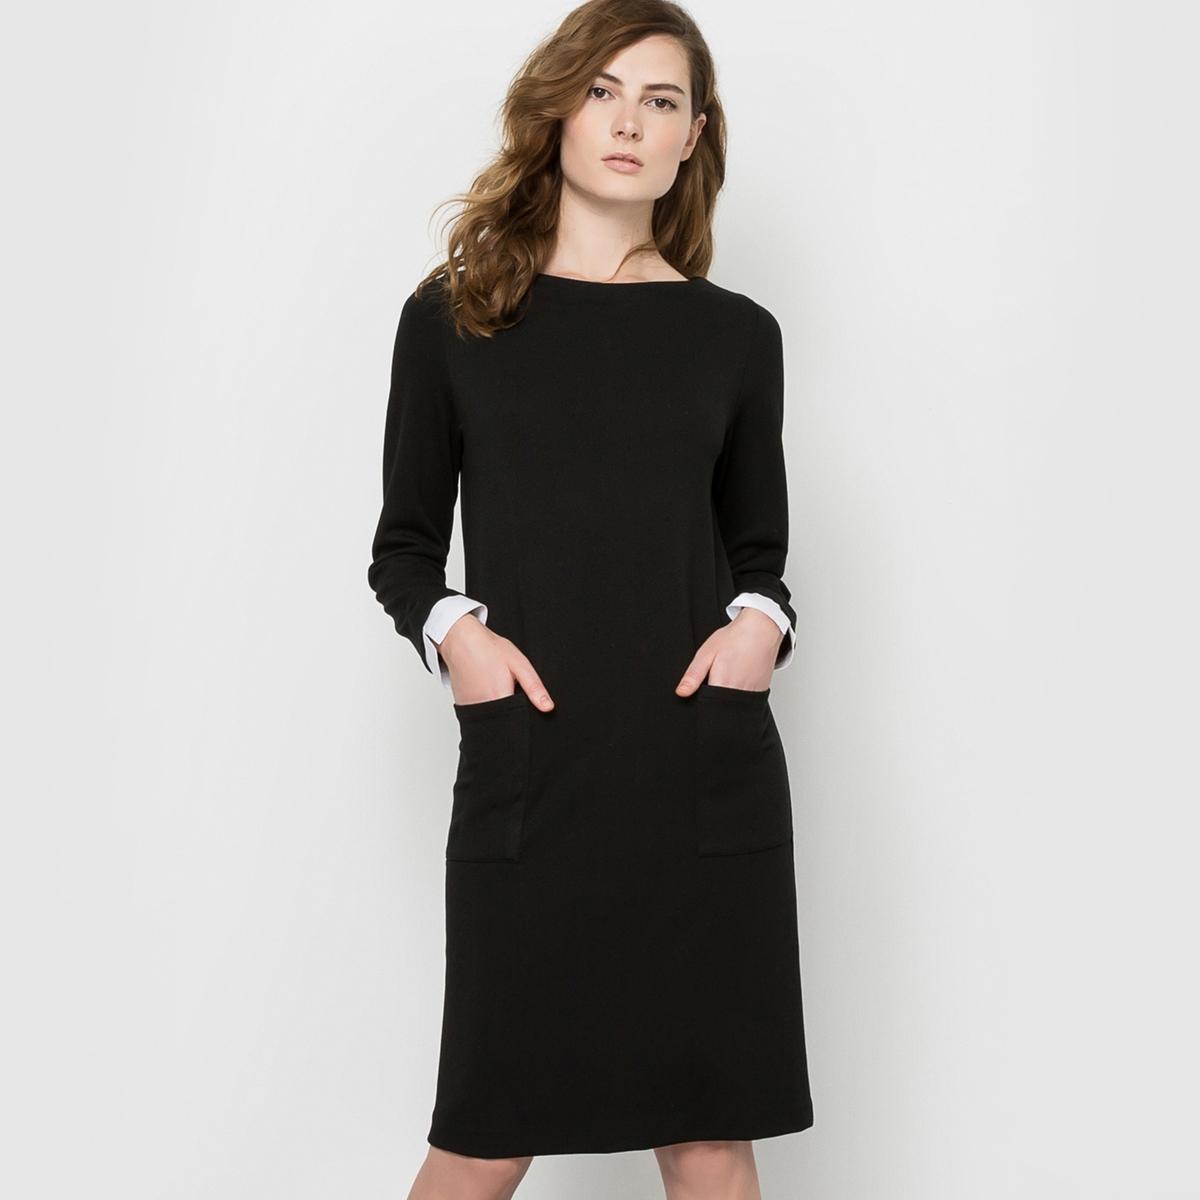 Платье-футляр из плотного трикотажаСостав и описаниеМатериал : платье, 70% вискозы, 25% полиэстера, 5% эластана - манжеты, 100% хлопокДлина : 90 смУходСледуйте рекомендациям по уходу, указанным на этикетке<br><br>Цвет: черный<br>Размер: 34 (FR) - 40 (RUS).36 (FR) - 42 (RUS).38 (FR) - 44 (RUS).42 (FR) - 48 (RUS).46 (FR) - 52 (RUS).50 (FR) - 56 (RUS).44 (FR) - 50 (RUS)